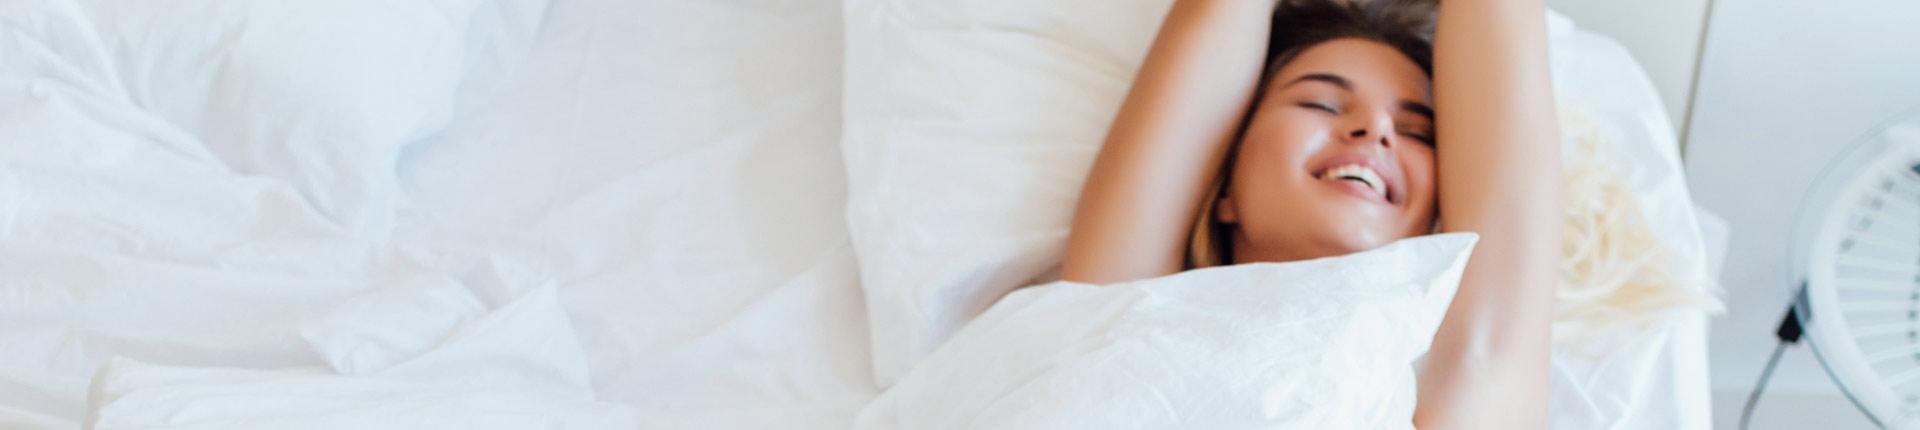 Czy możemy odespać pracowity tydzień?